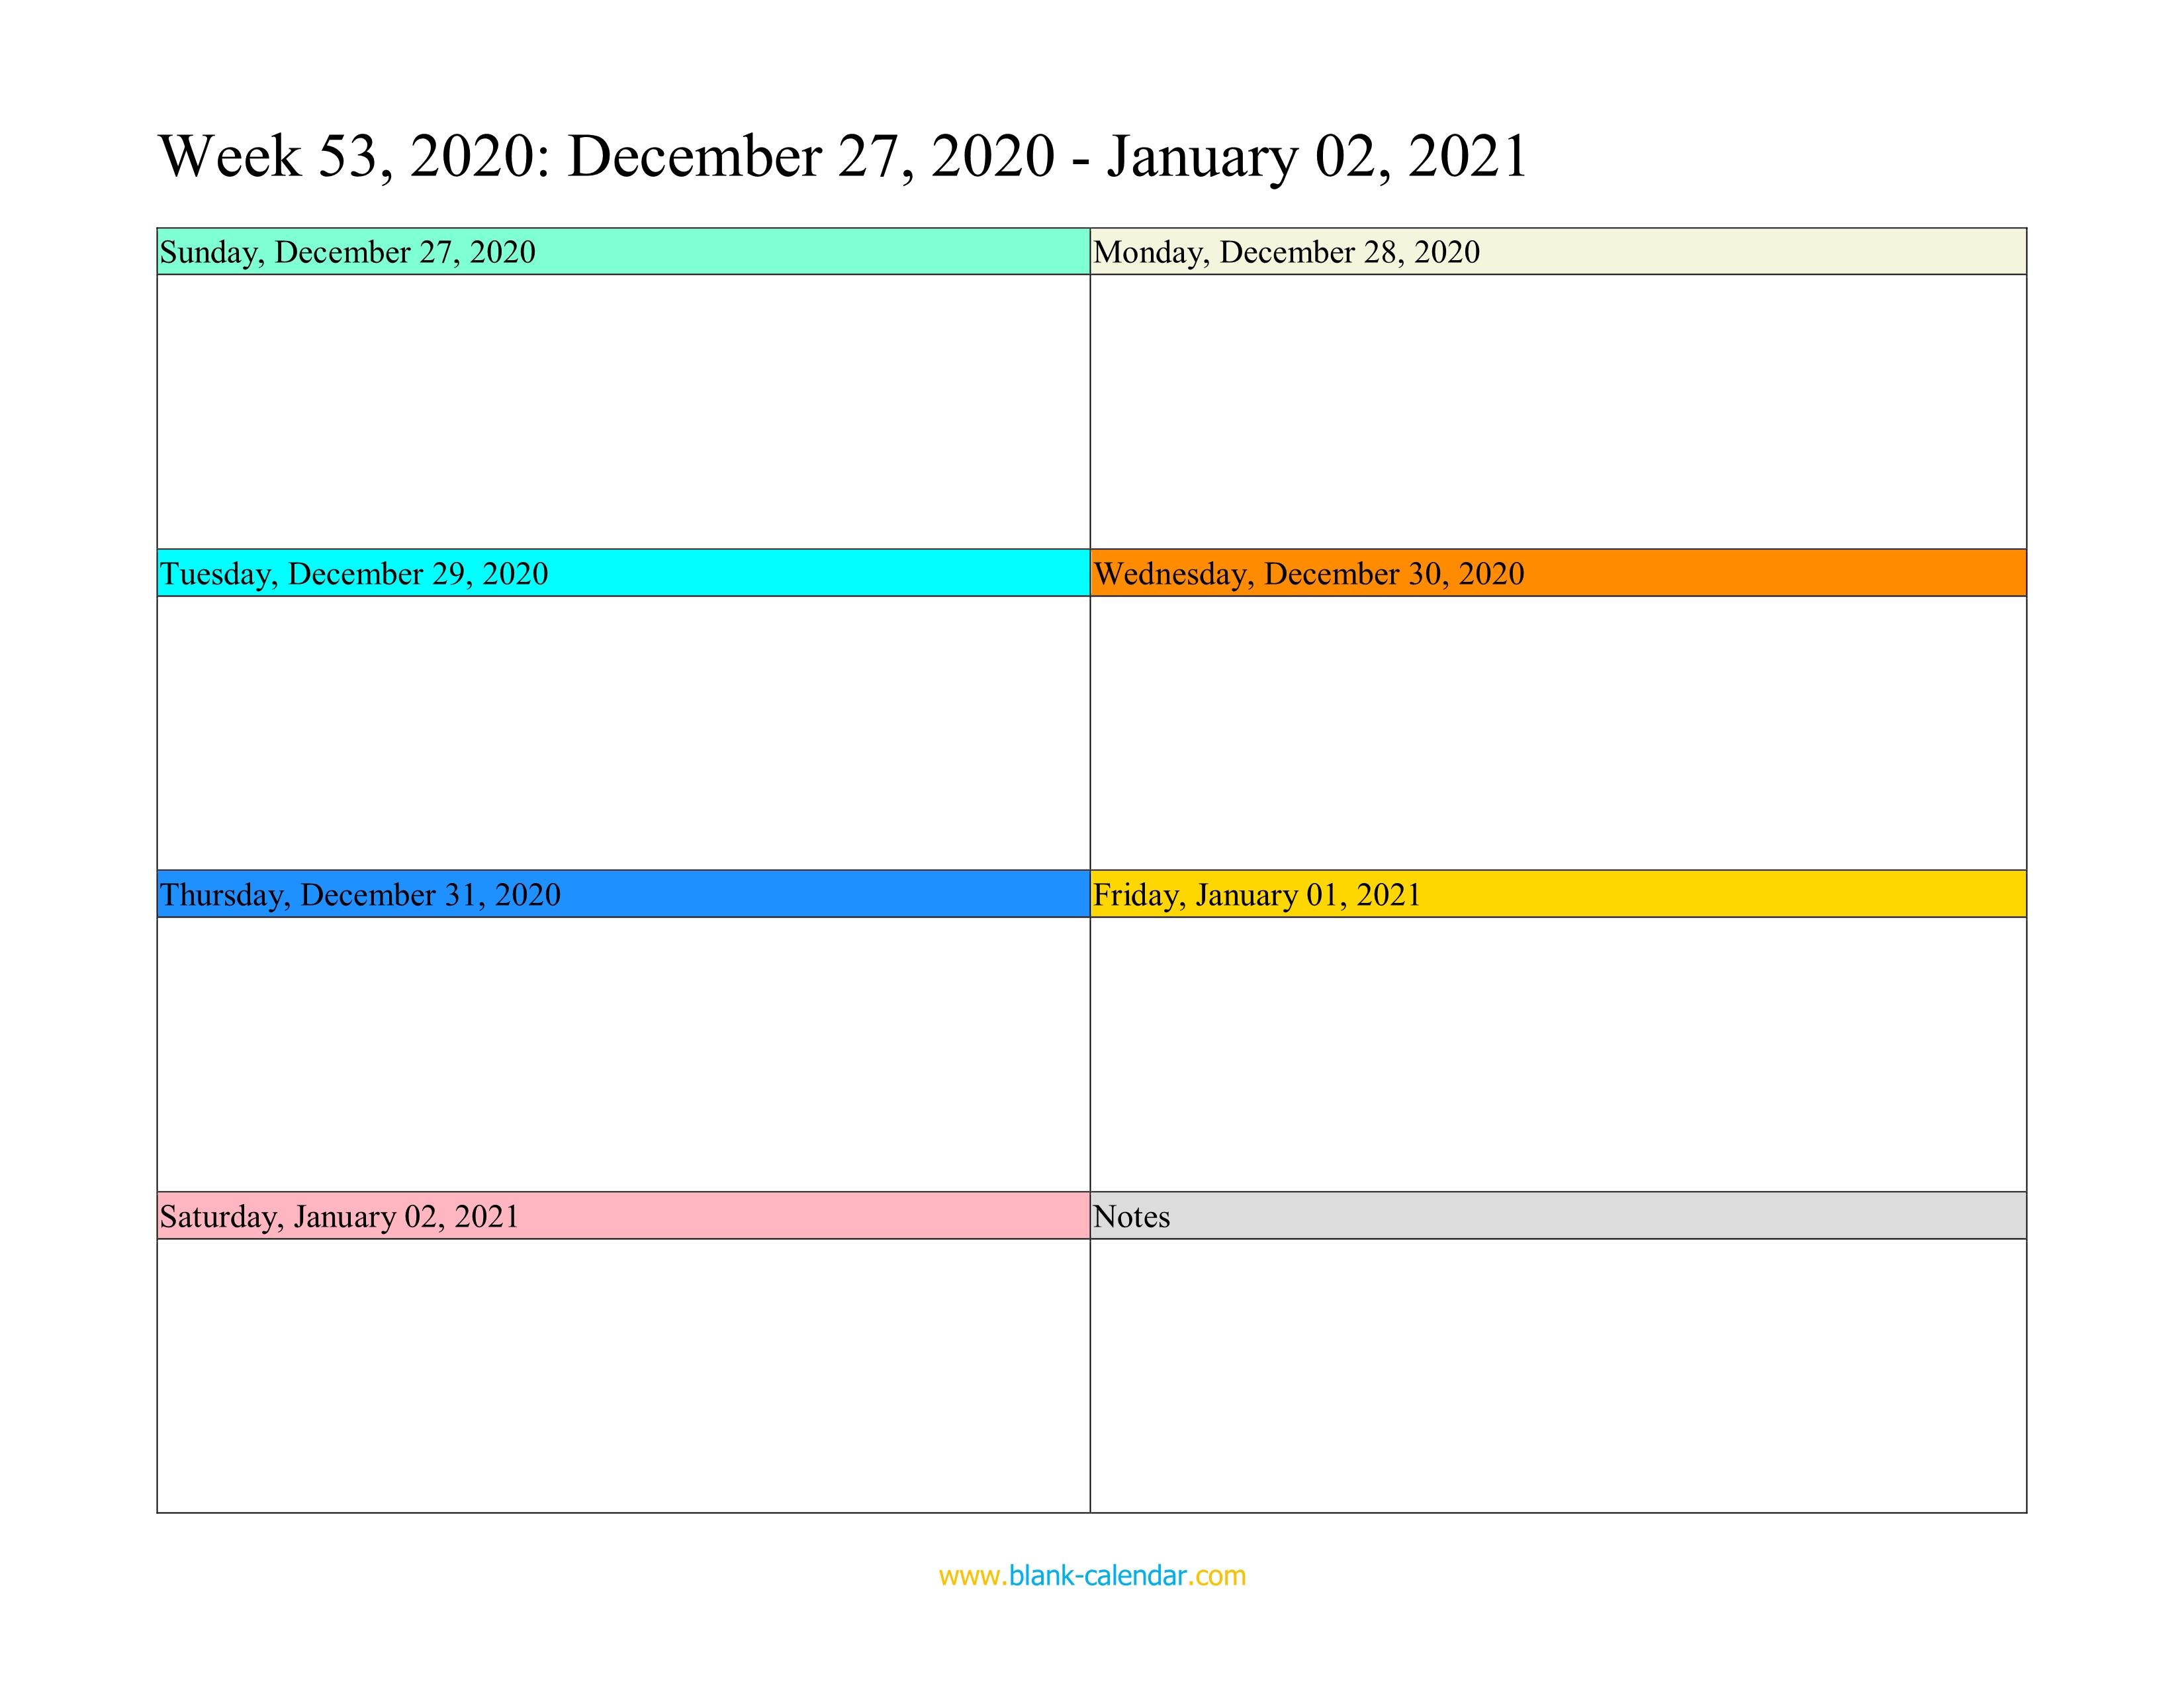 Weekly Calendar Template 2021 Weekly Calendar 2021 (WORD, EXCEL, PDF)